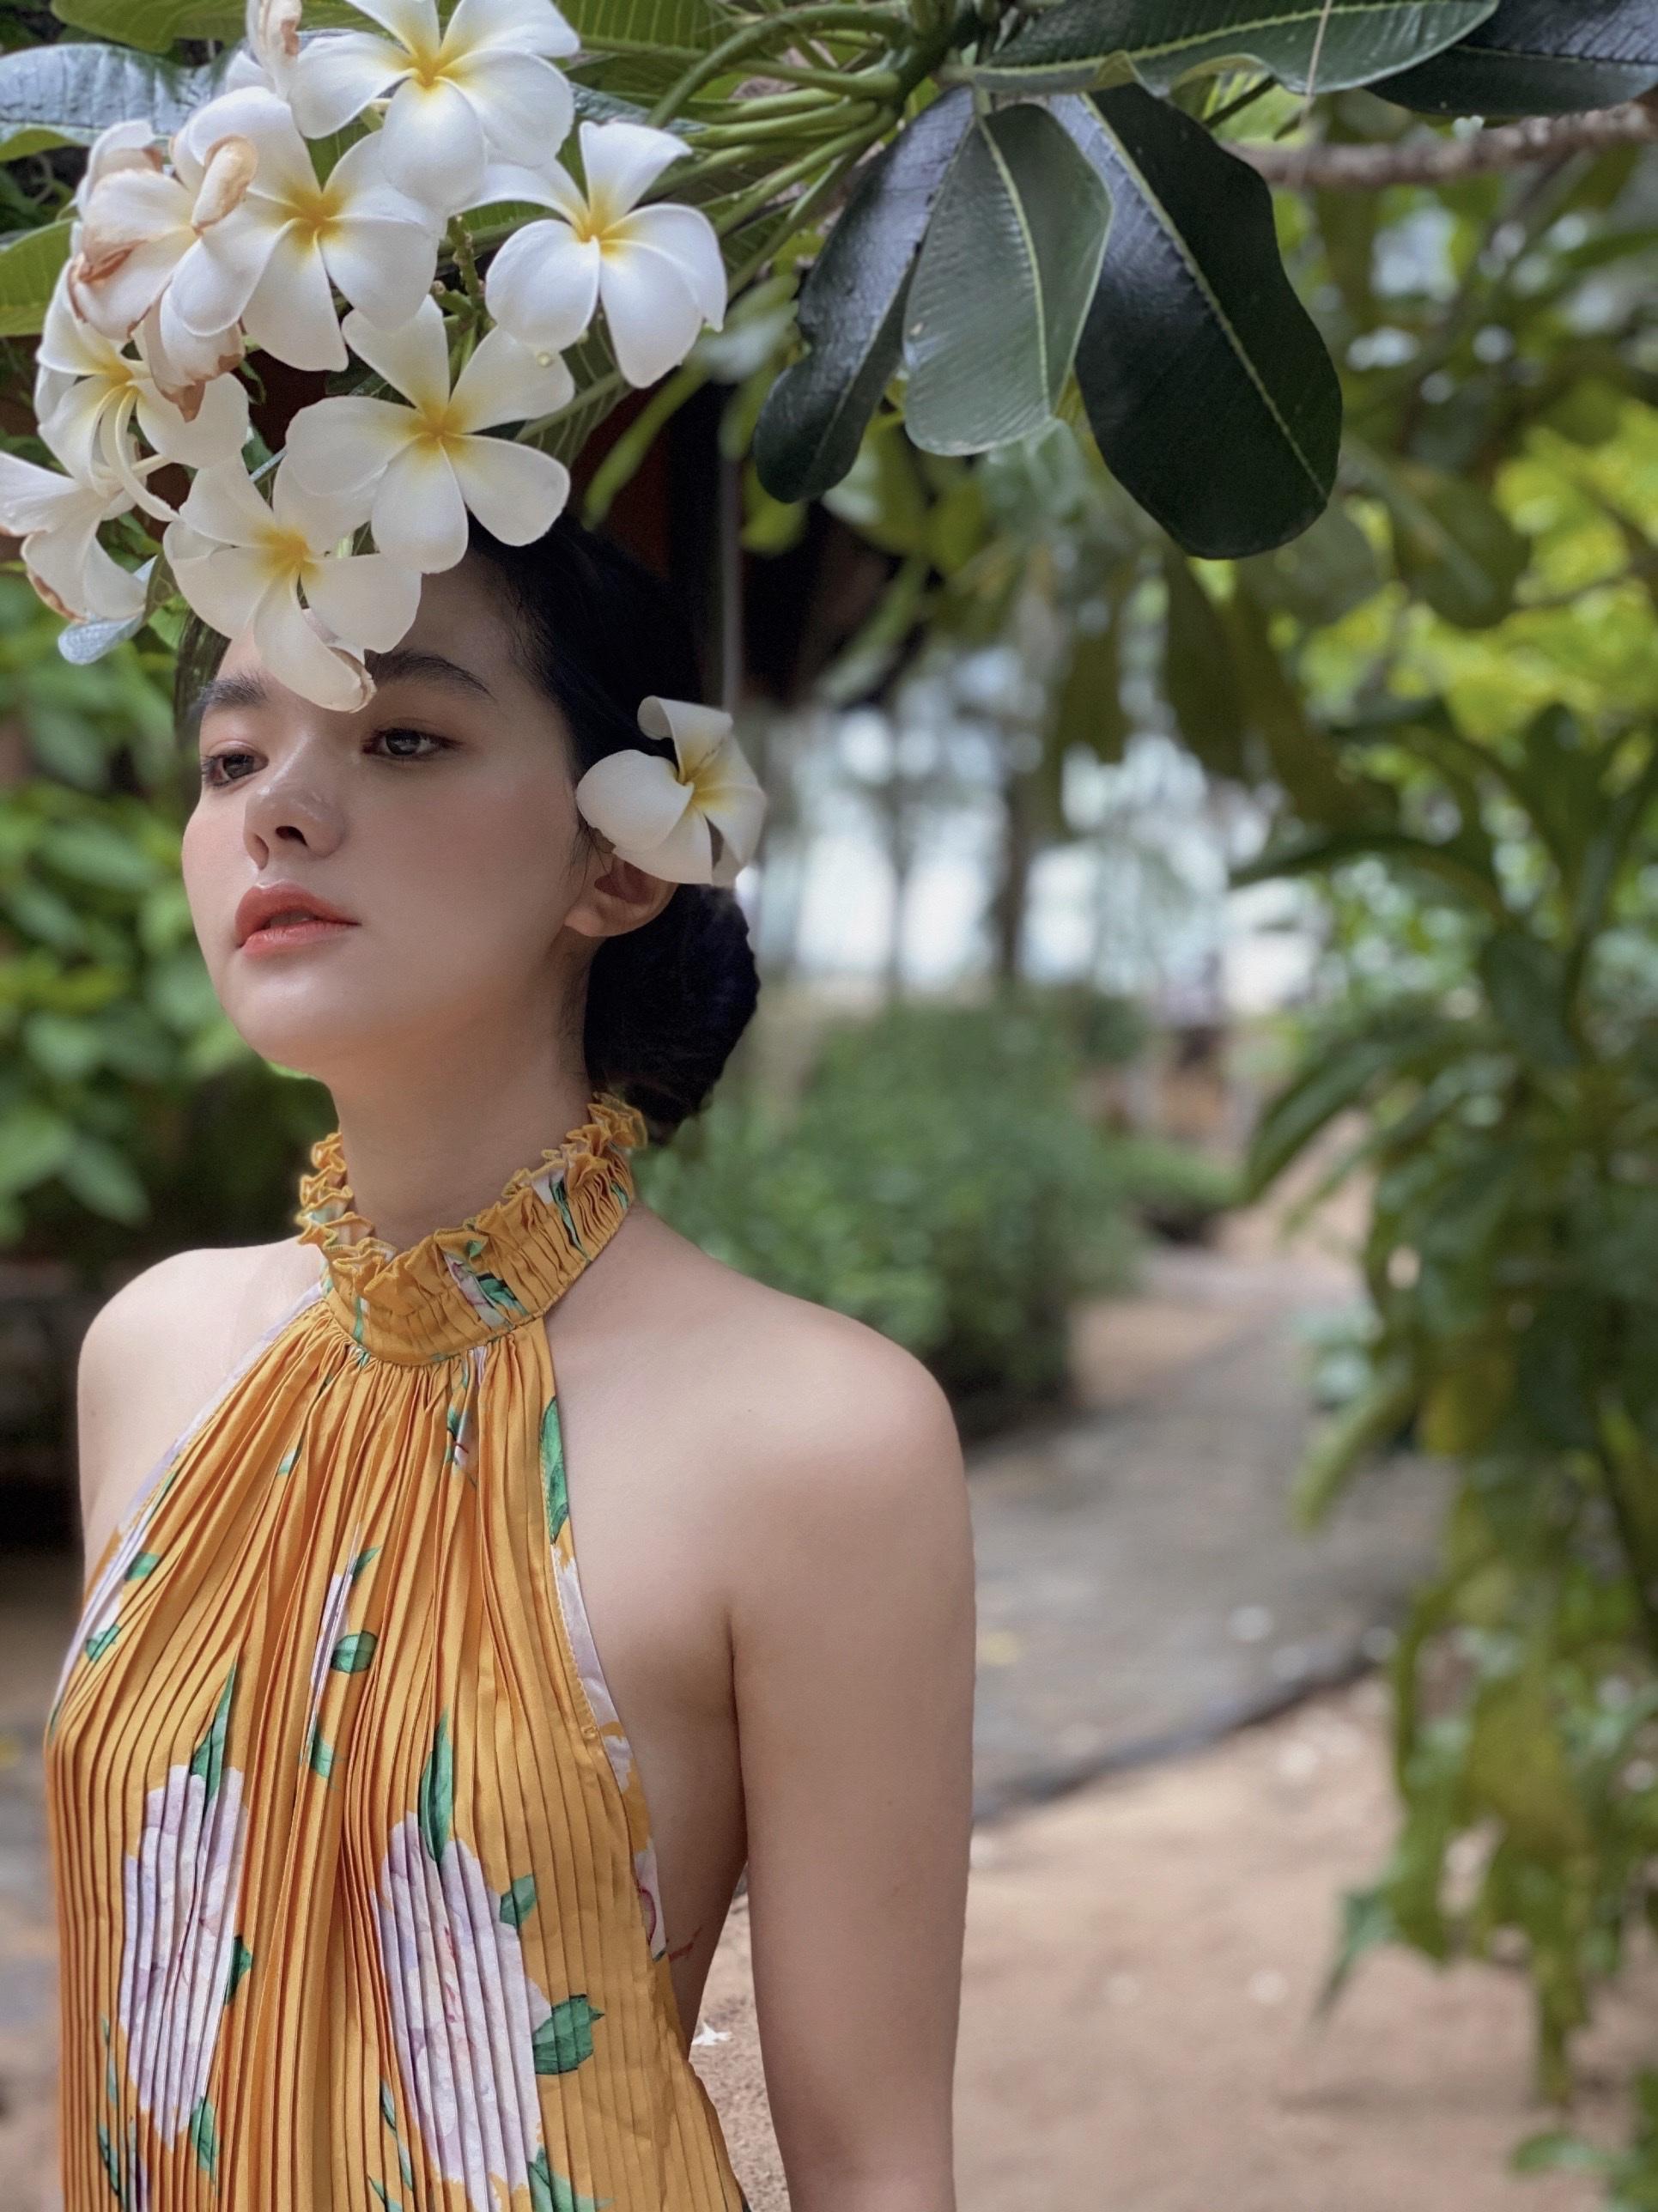 Nữ sinh Hà Nội xinh đẹp, học giỏi, tự kiếm tiền mua nhà ở tuổi 19 - 4